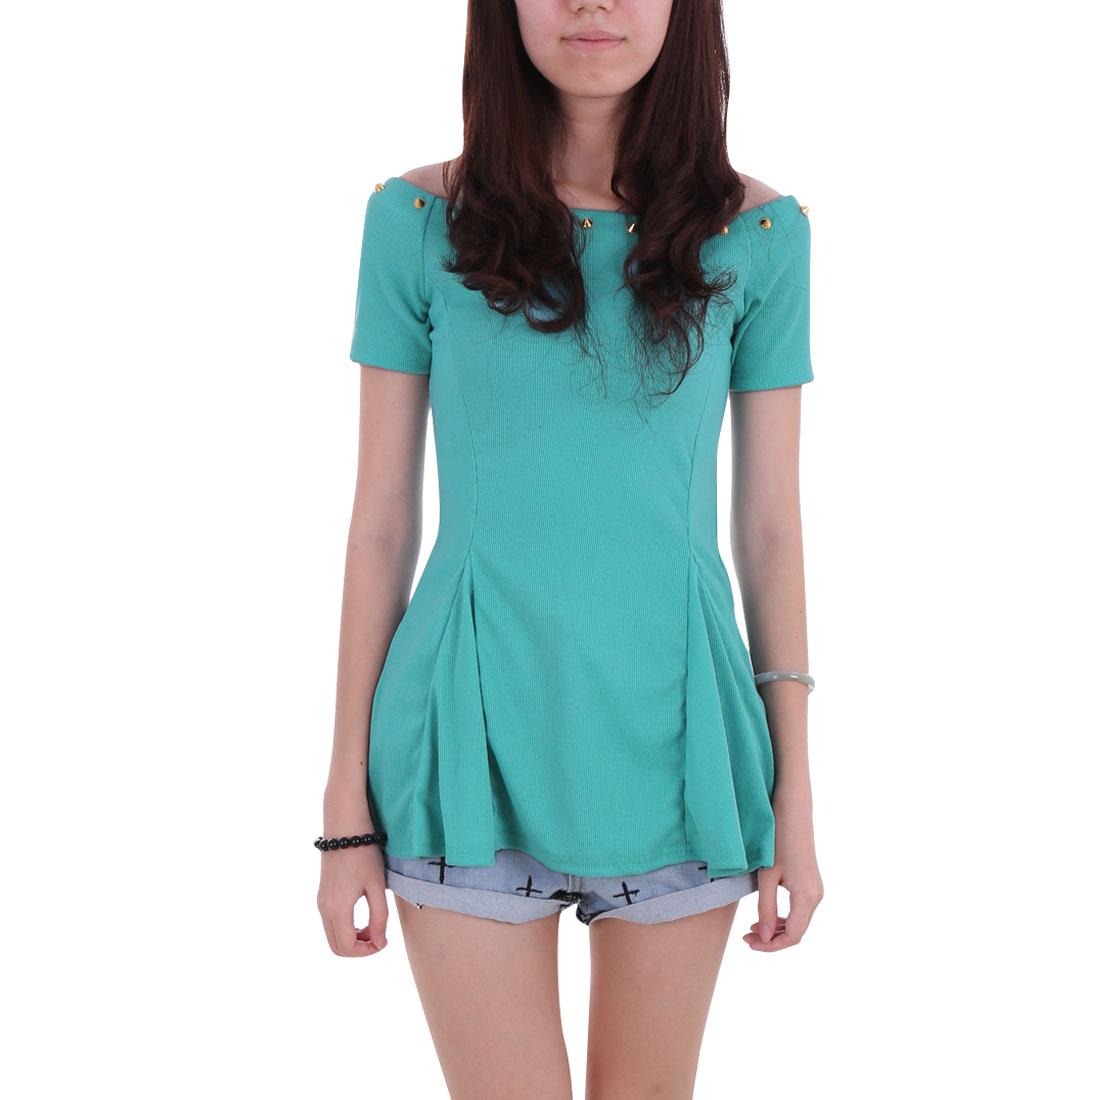 Women Boat Neck Off-Shoulder Rivets Decor Mint Color Peplum Top Shirt XS